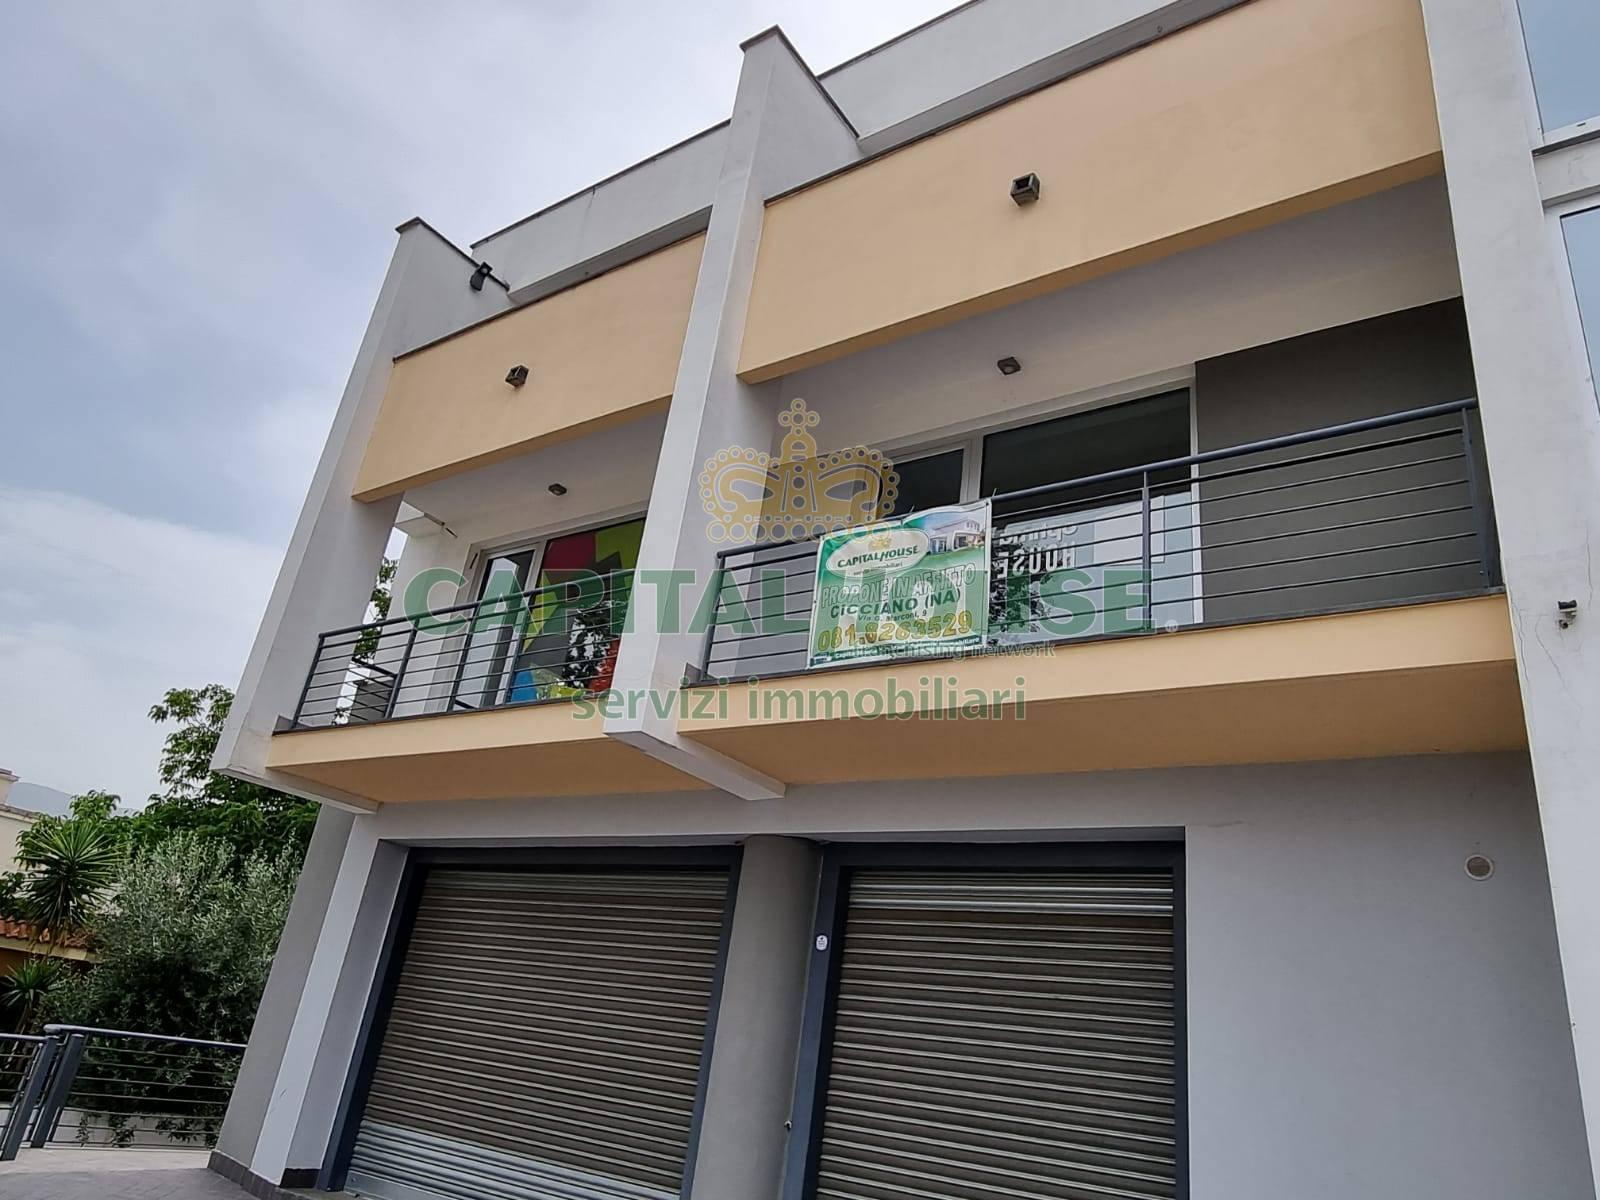 Ufficio / Studio in affitto a Camposano, 9999 locali, prezzo € 450 | CambioCasa.it